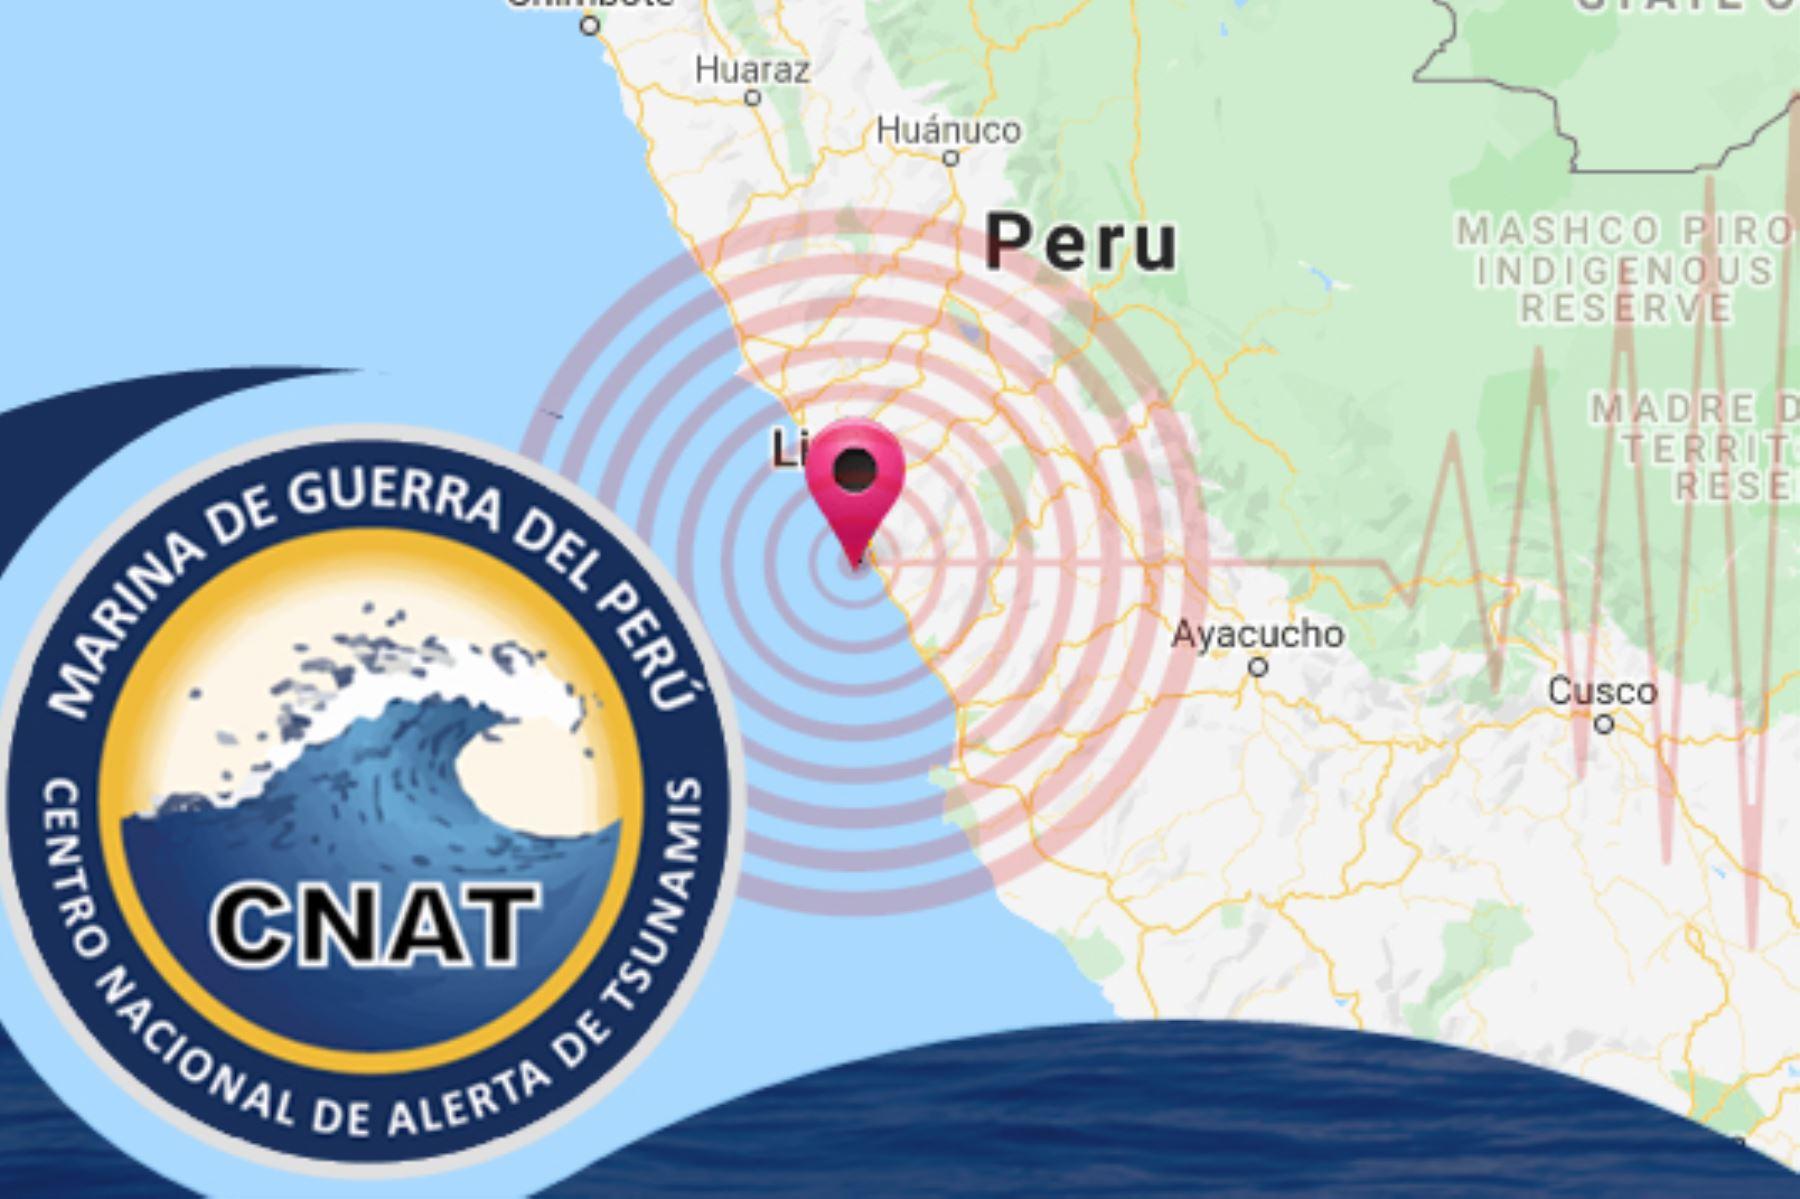 La profundidad del temblor fue de 41 kilómetros y se sintió con una intensidad de III en Chilca. Foto: ANDINA/Difusión.